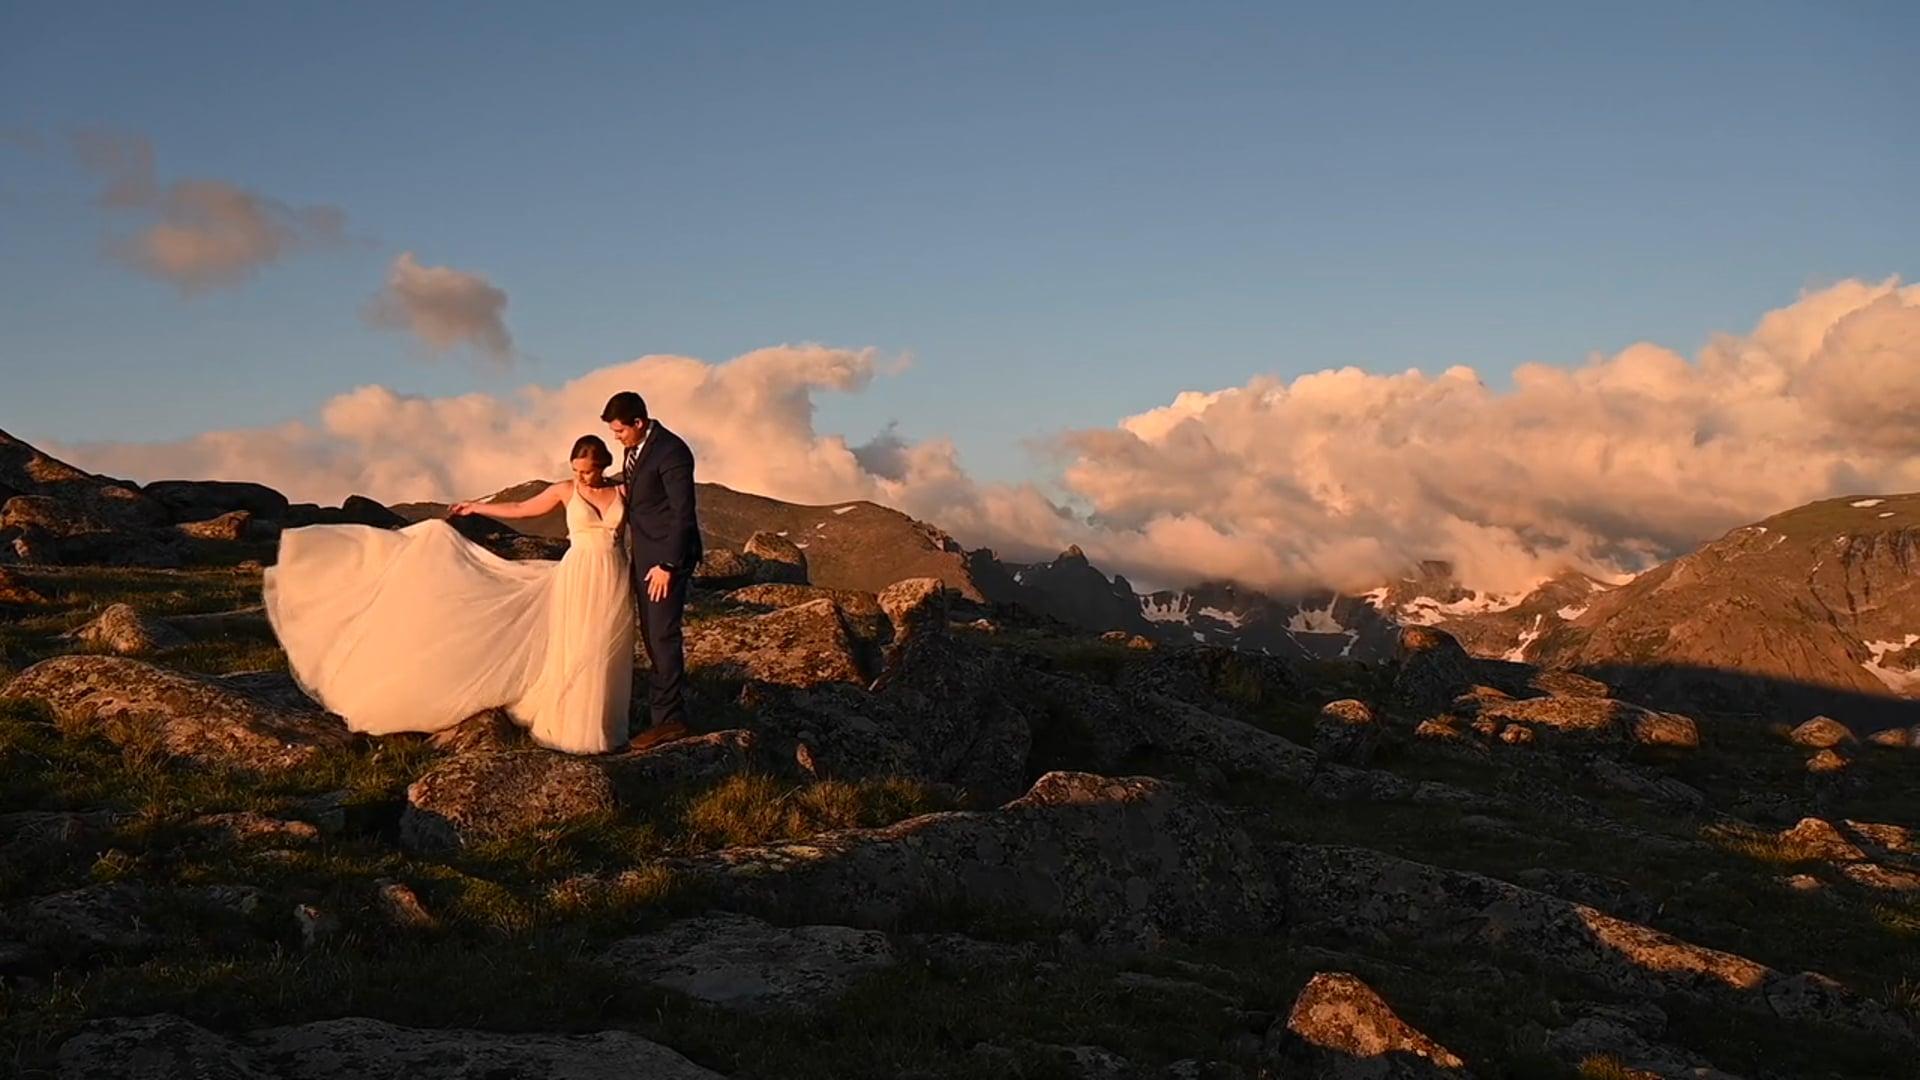 Rocky Mountain Sunrise Elopement - Kelsey & Mark